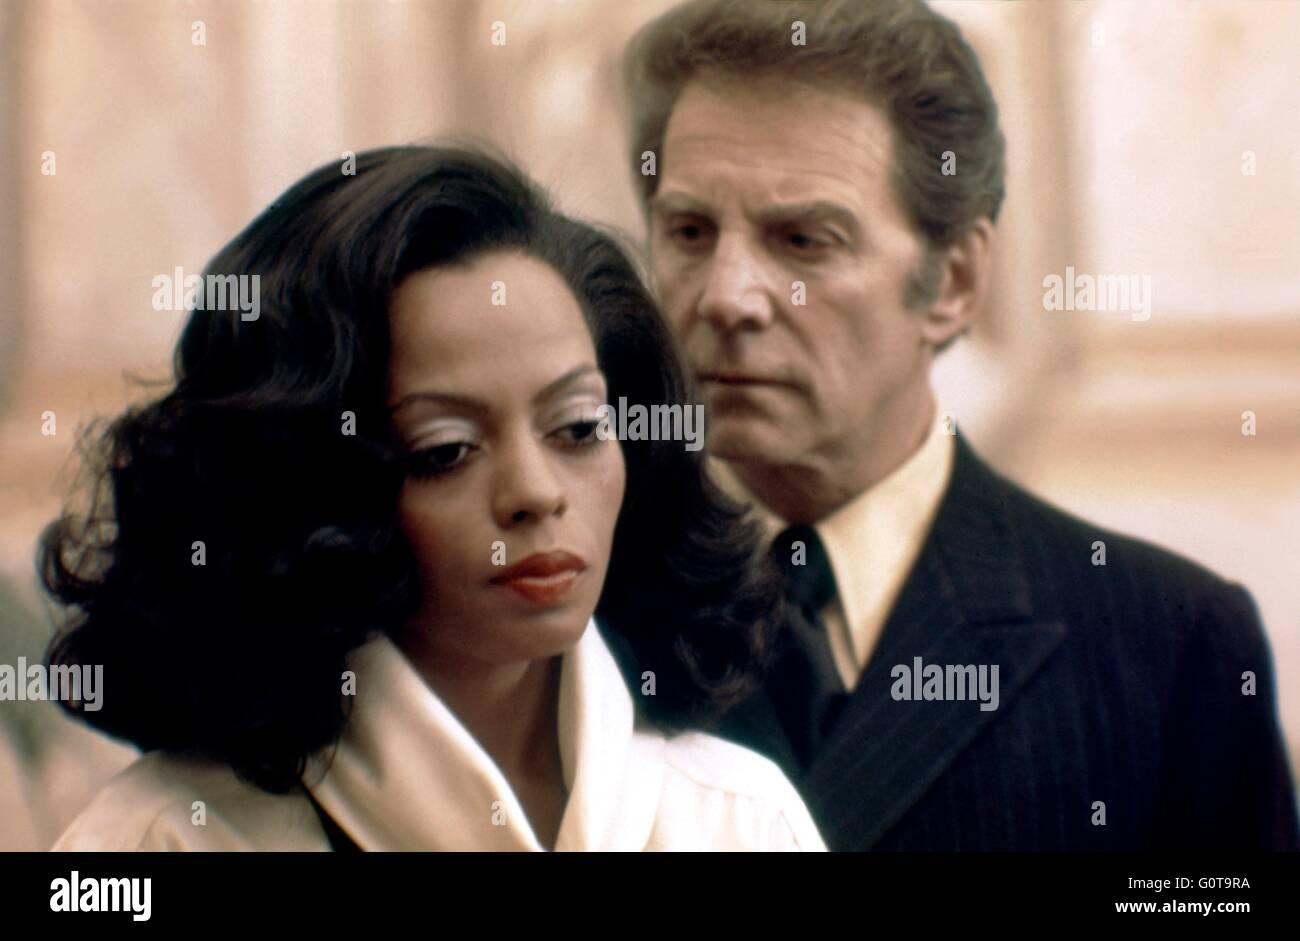 Diana Ross et Jean-Pierre Aumont / Acajou / 1975 réalisé par Berry Gordy et Tony Richardson (Motown Productions / Nikor Productions / Paramount Pictures) Banque D'Images